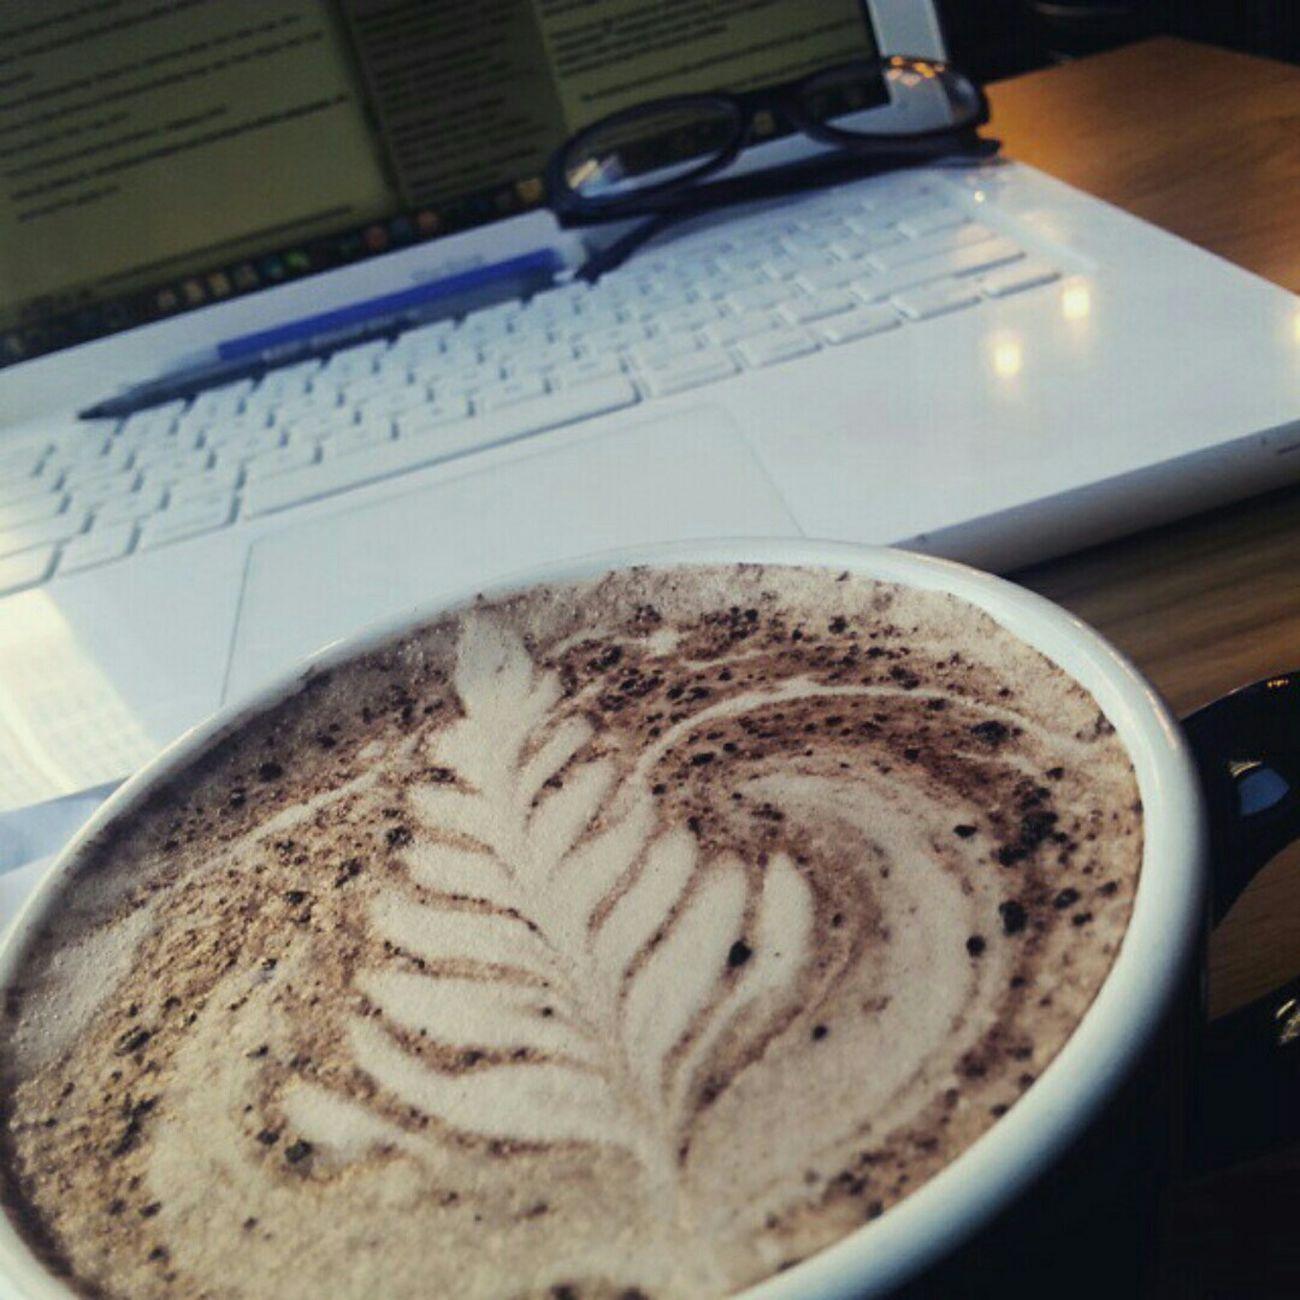 Deceptively Simple Hotchocolate Frothymonkeycafe Studying